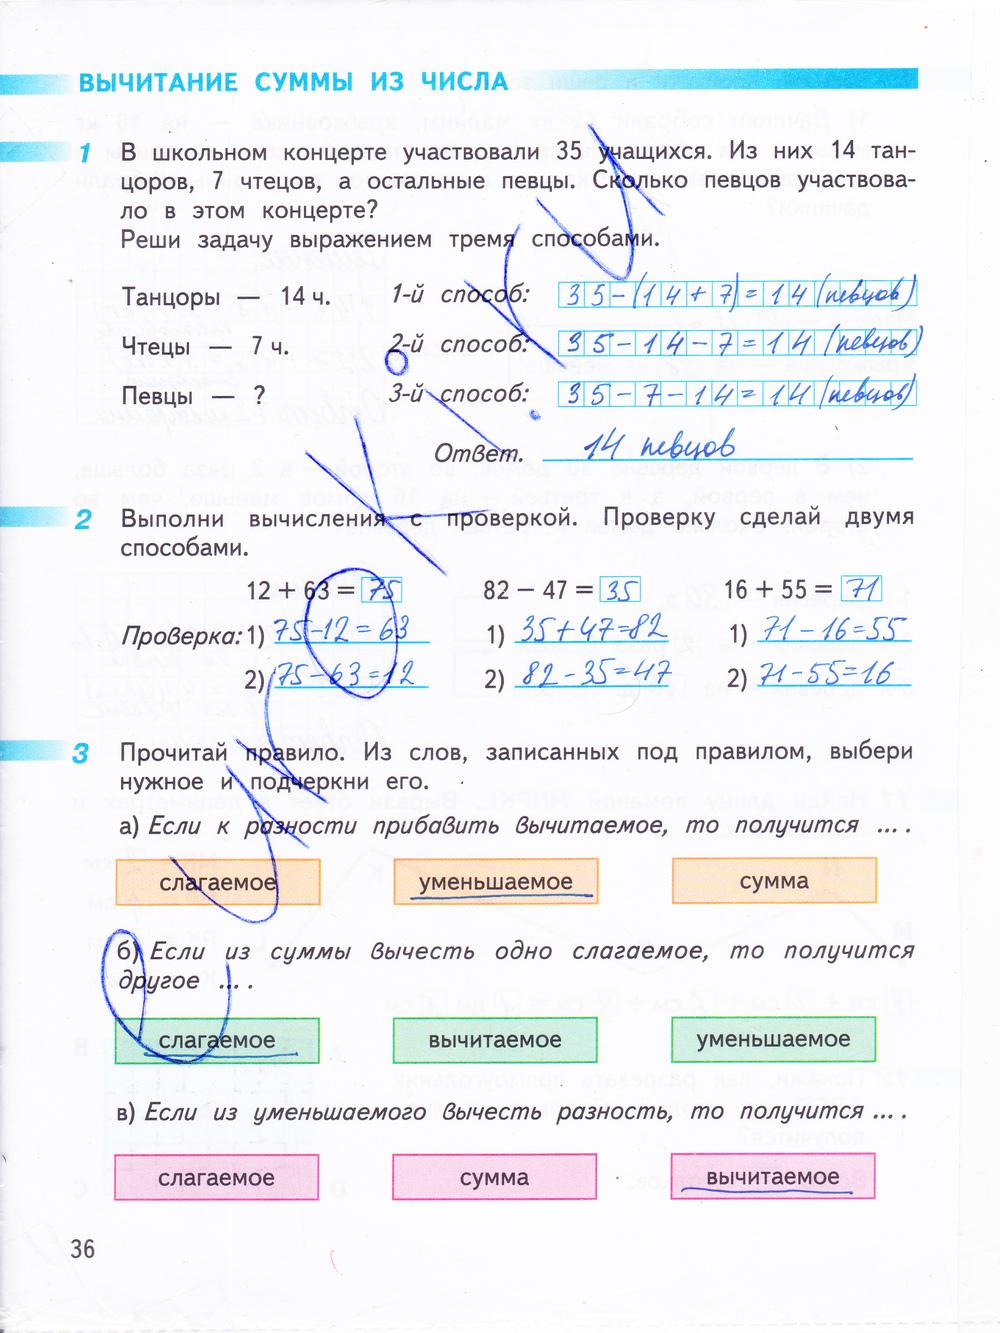 гдз математика 3 класс дорофеев рабочий тетрадь